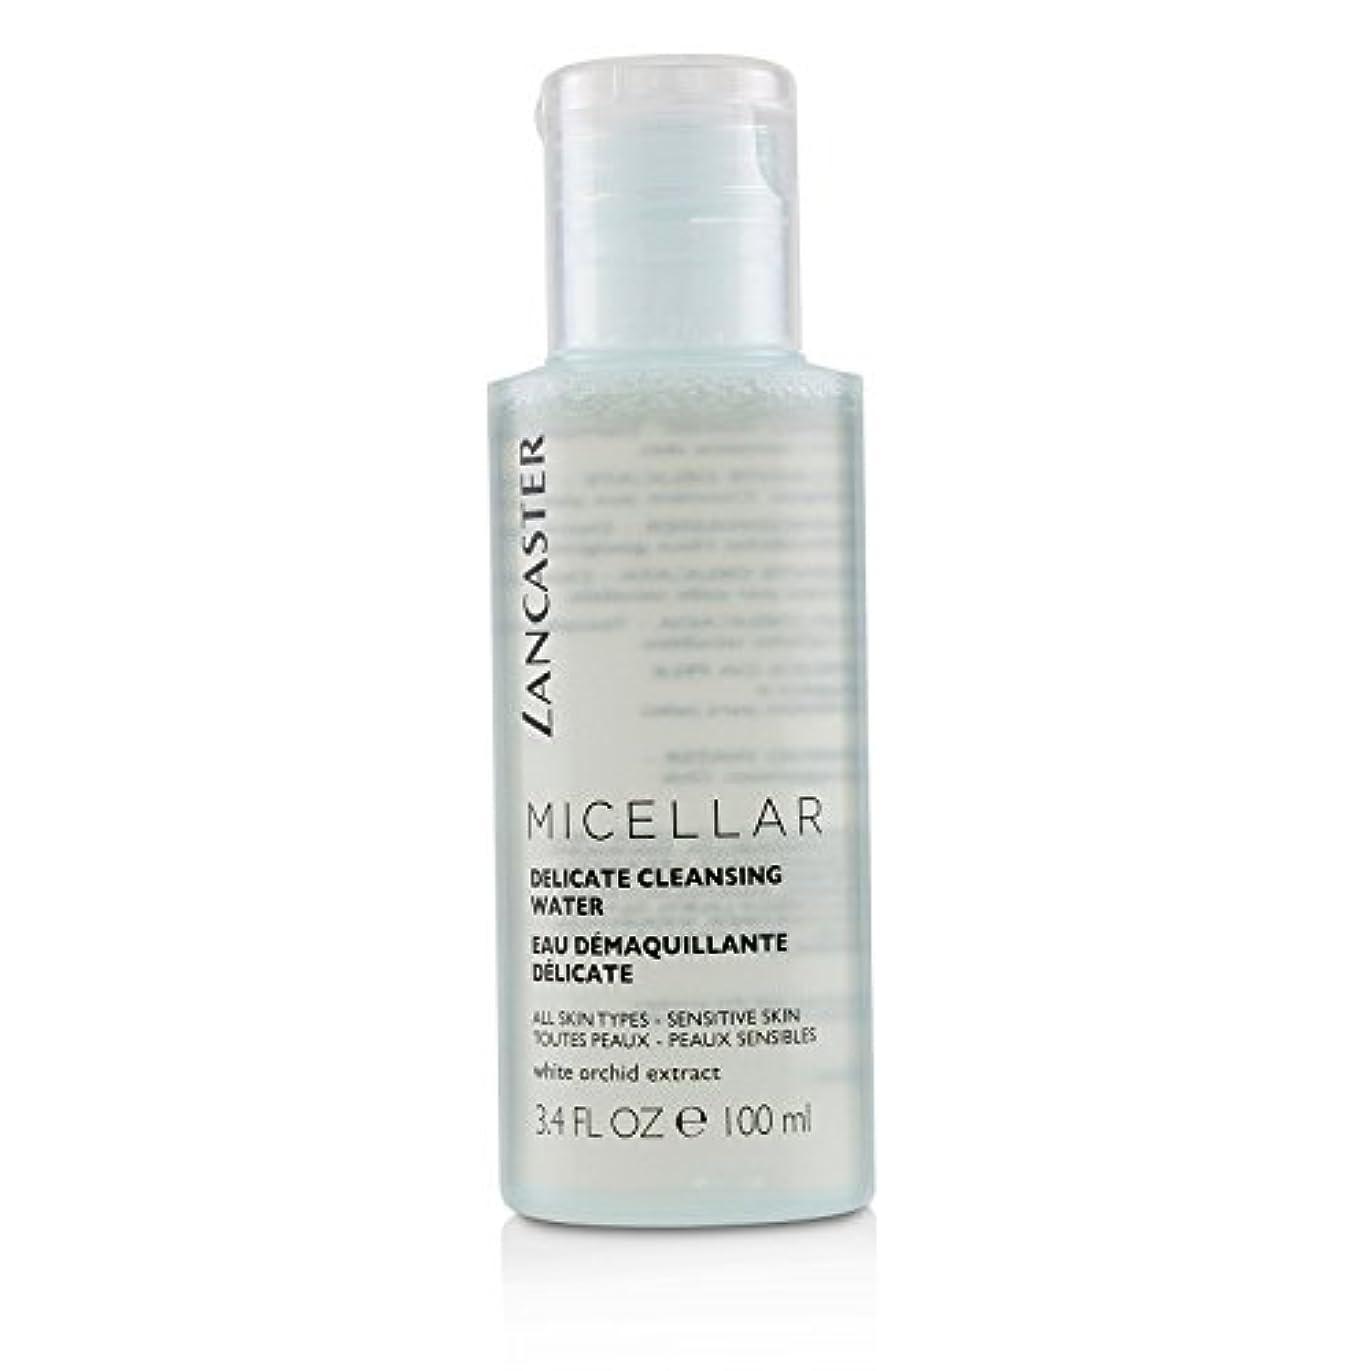 事夜明けにパリティランカスター Micellar Delicate Cleansing Water - All Skin Types, Including Sensitive Skin 100ml/3.4oz並行輸入品